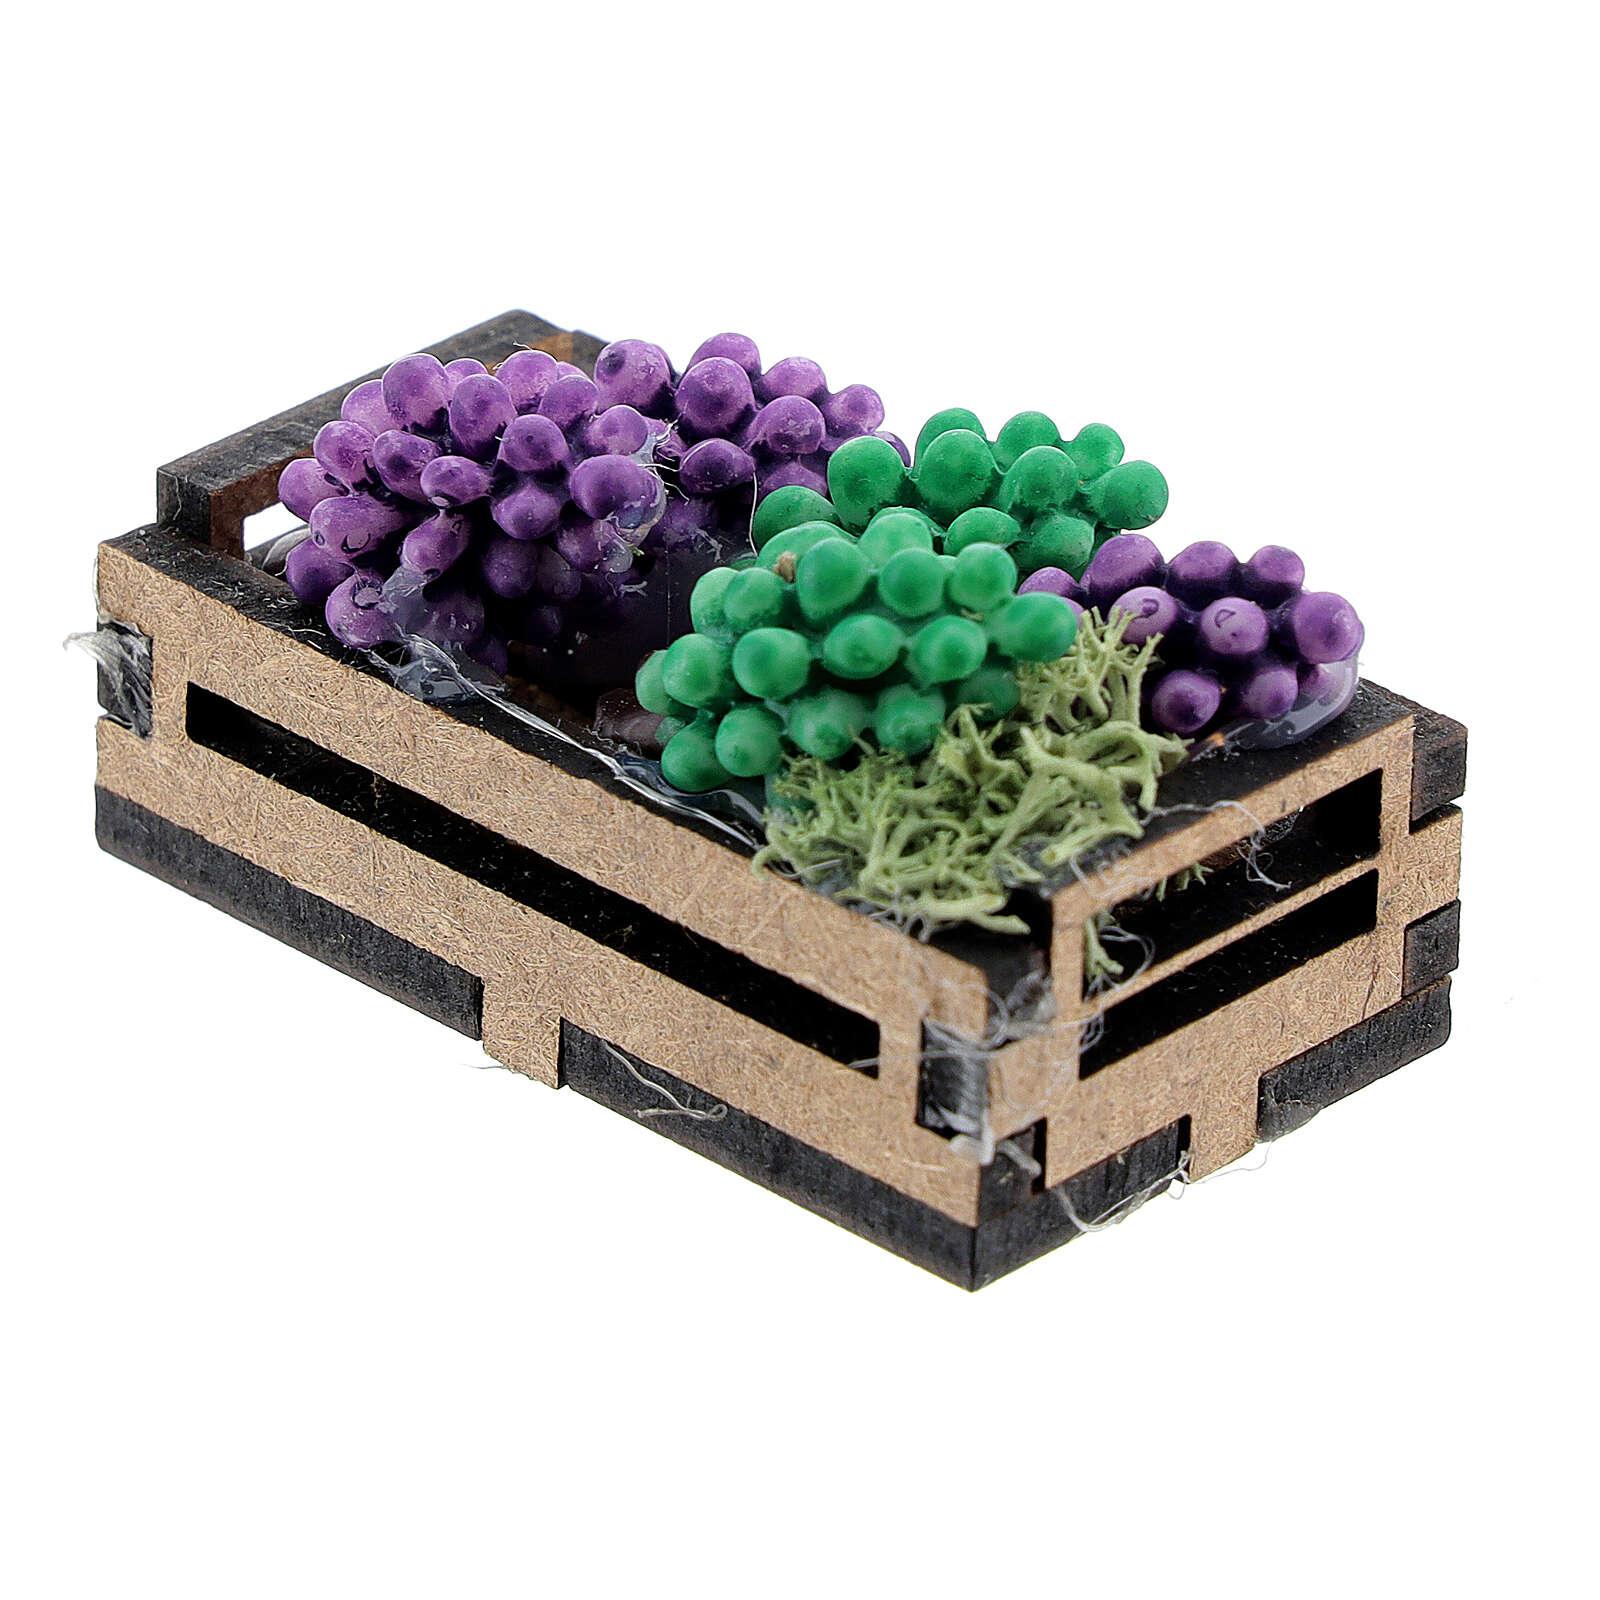 Caixa de uvas em miniatura para presépio com figuras altura média 12-14 cm 4